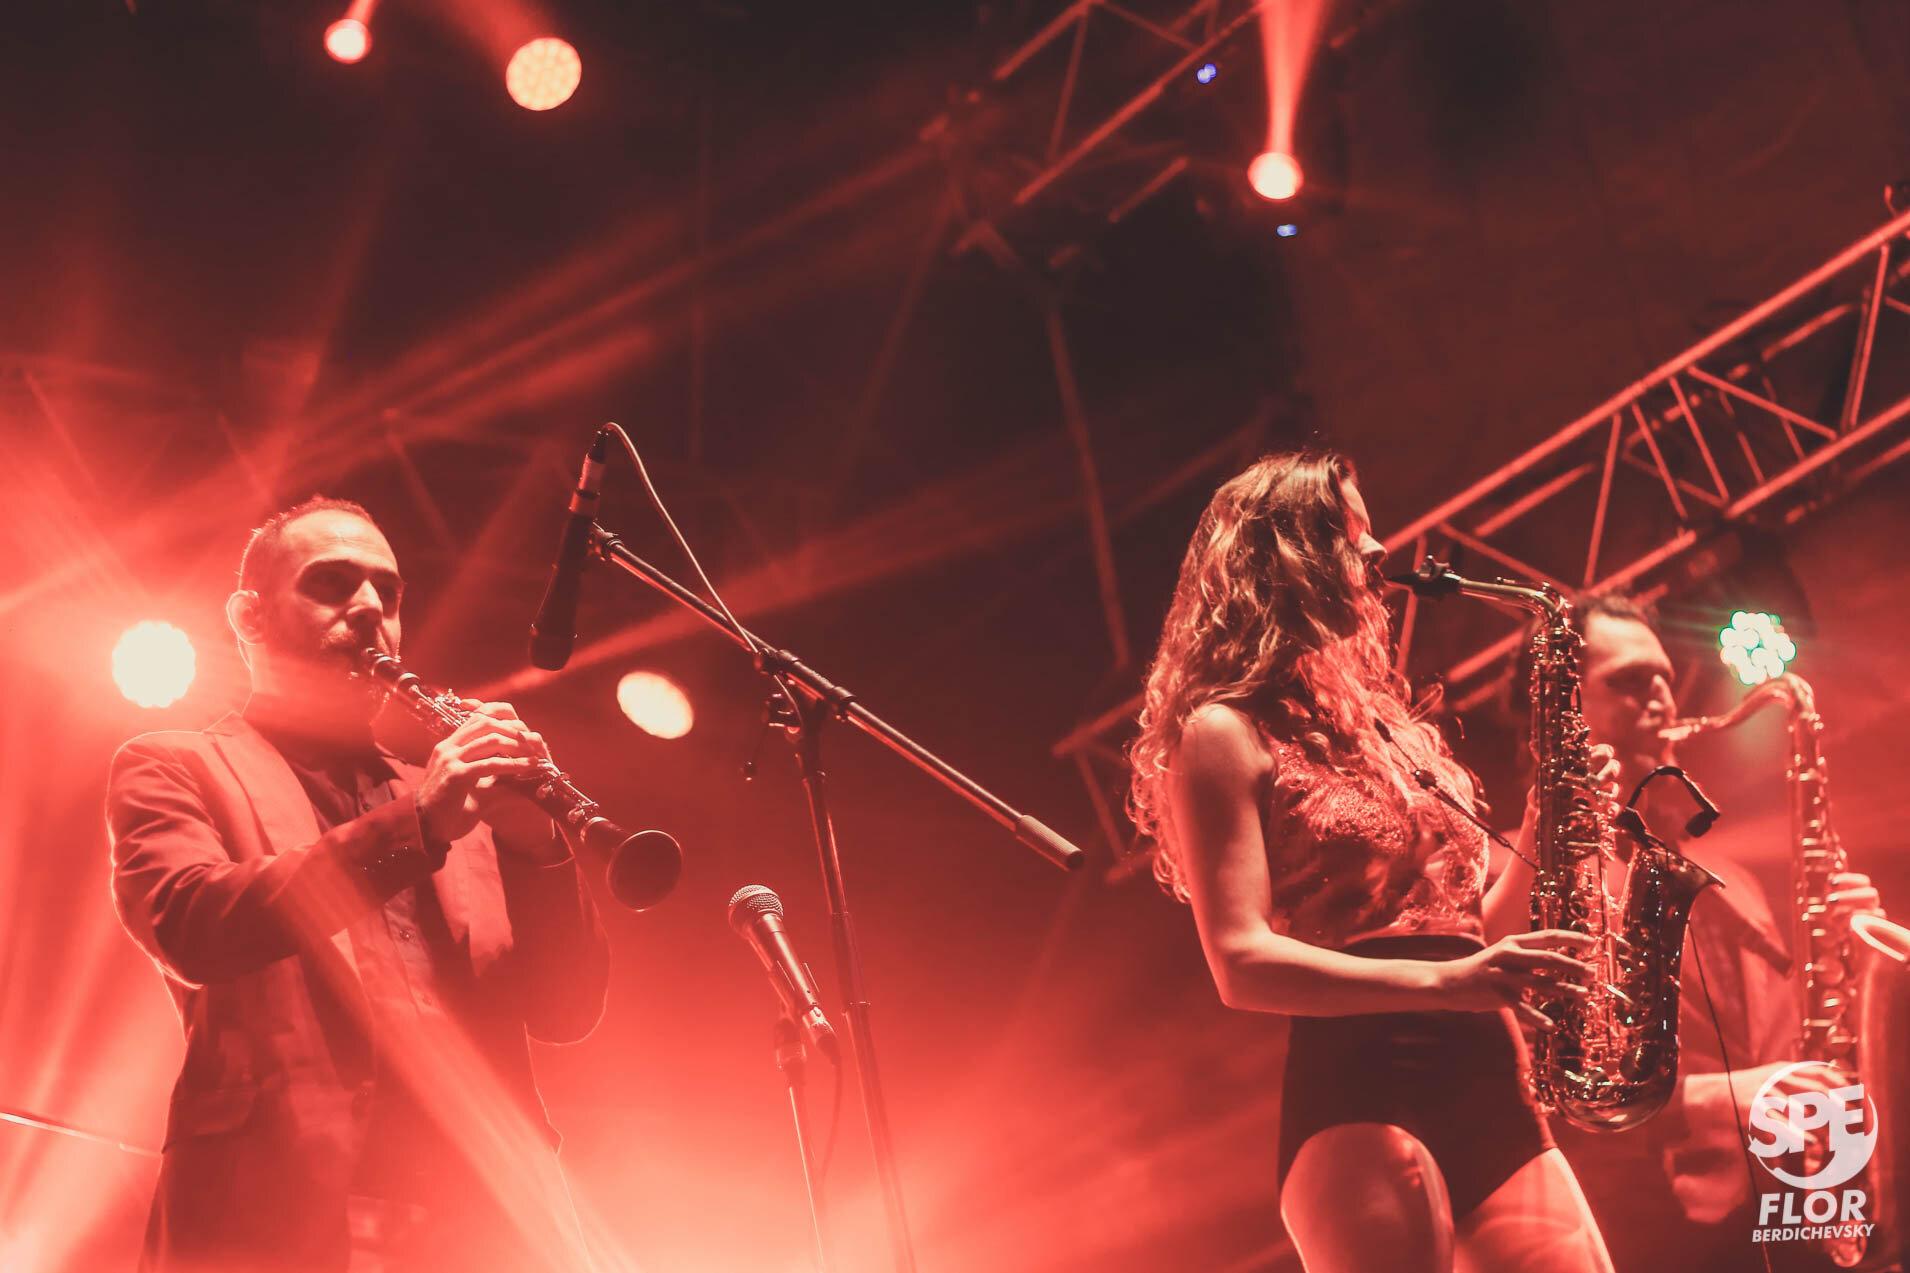 La banda Orquesta Delio Valdez participa del Festival Futurock en el estadio Malvinas Argentinas, el 28 de Septiembre de 2019. El festival estuvo organizado por la radio Futurock. Foto de: Florencia Berdichevsky